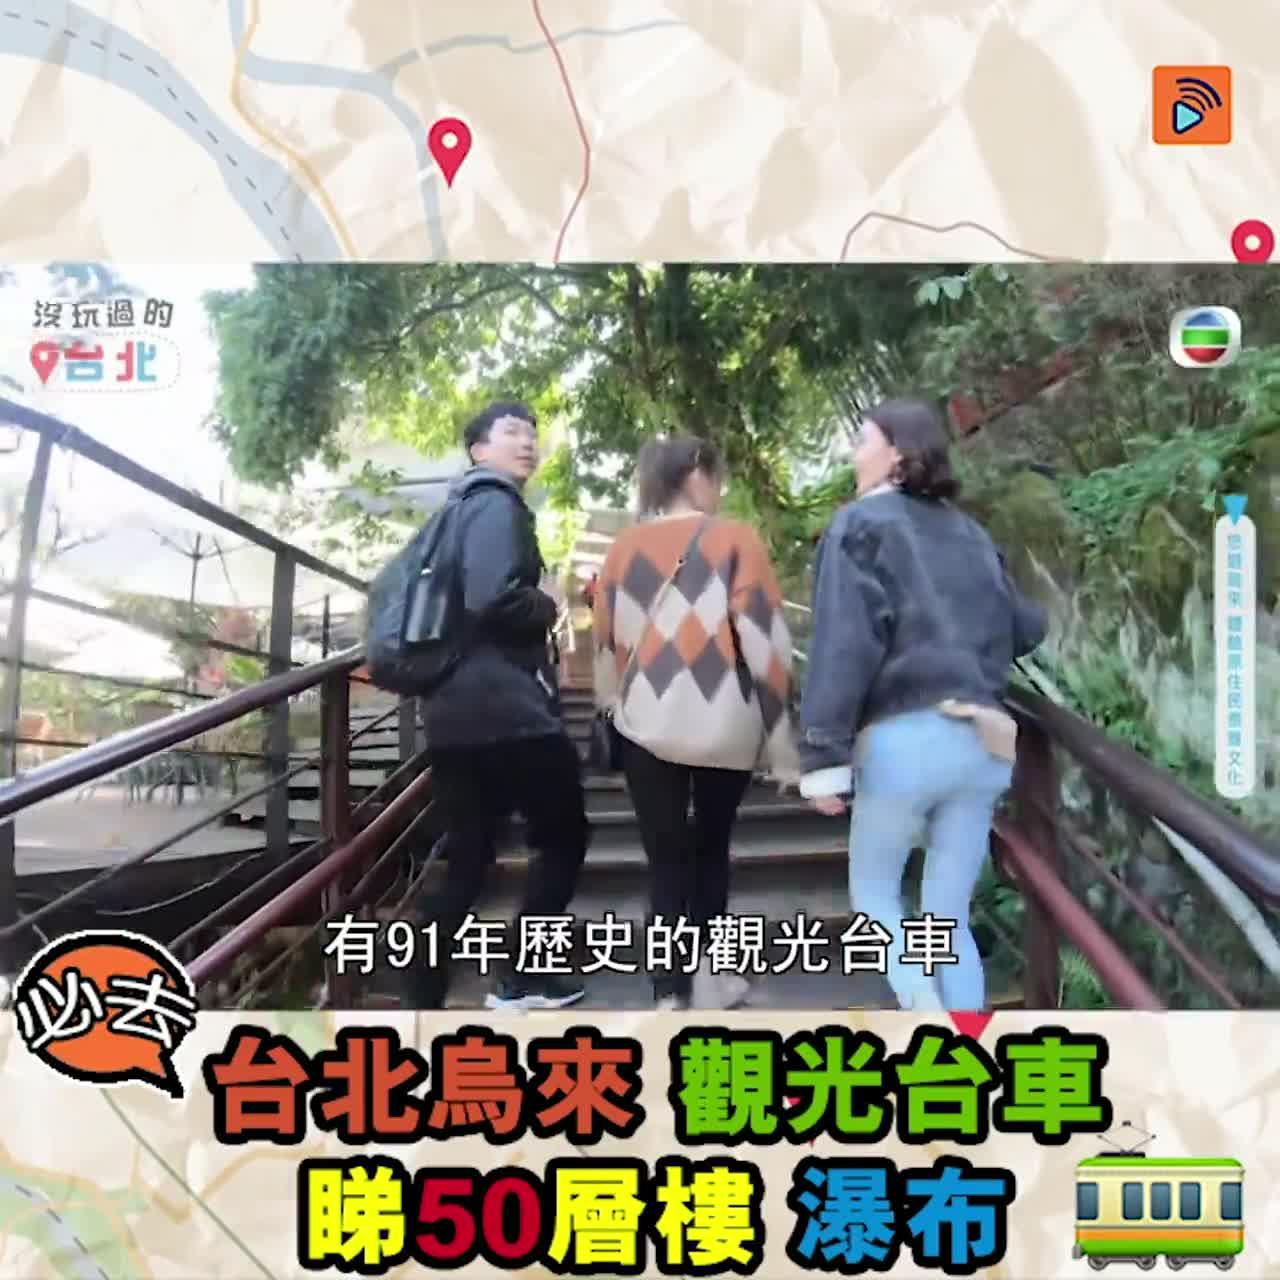 台灣烏來 必坐觀光台車 睇五十層樓瀑布